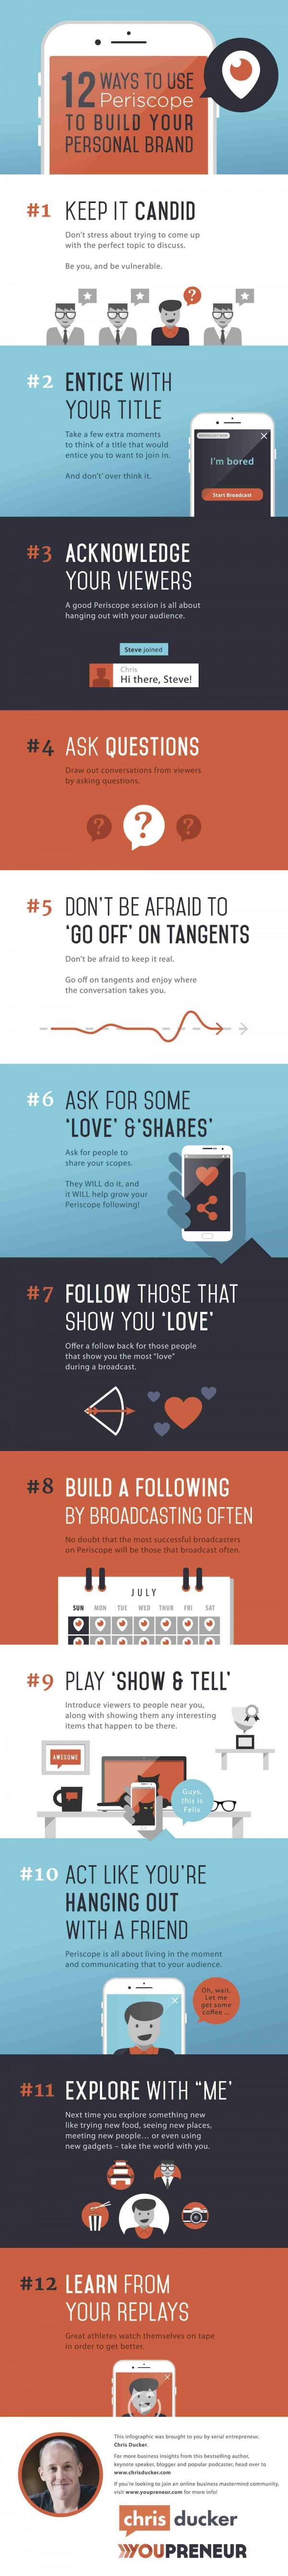 construye-marca-personal-periscope-infografia